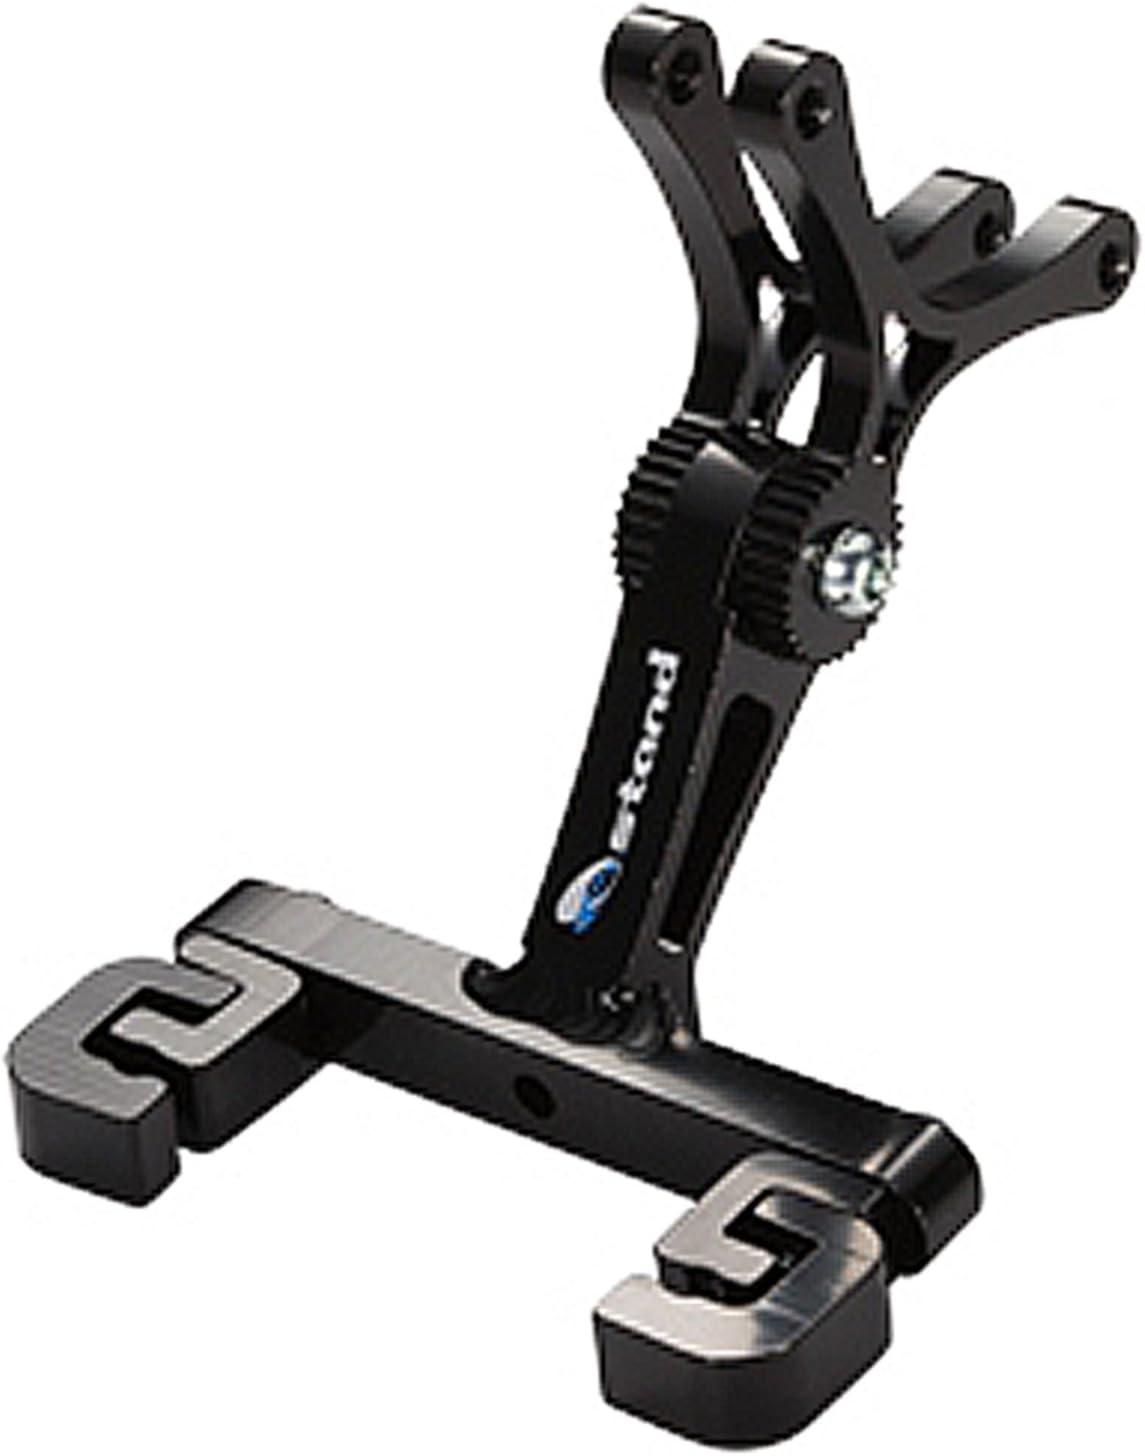 Adaptador Doble Portabidon Bidon Triatlon Duatlon Ironman a Rail de Sillin 3383: Amazon.es: Deportes y aire libre